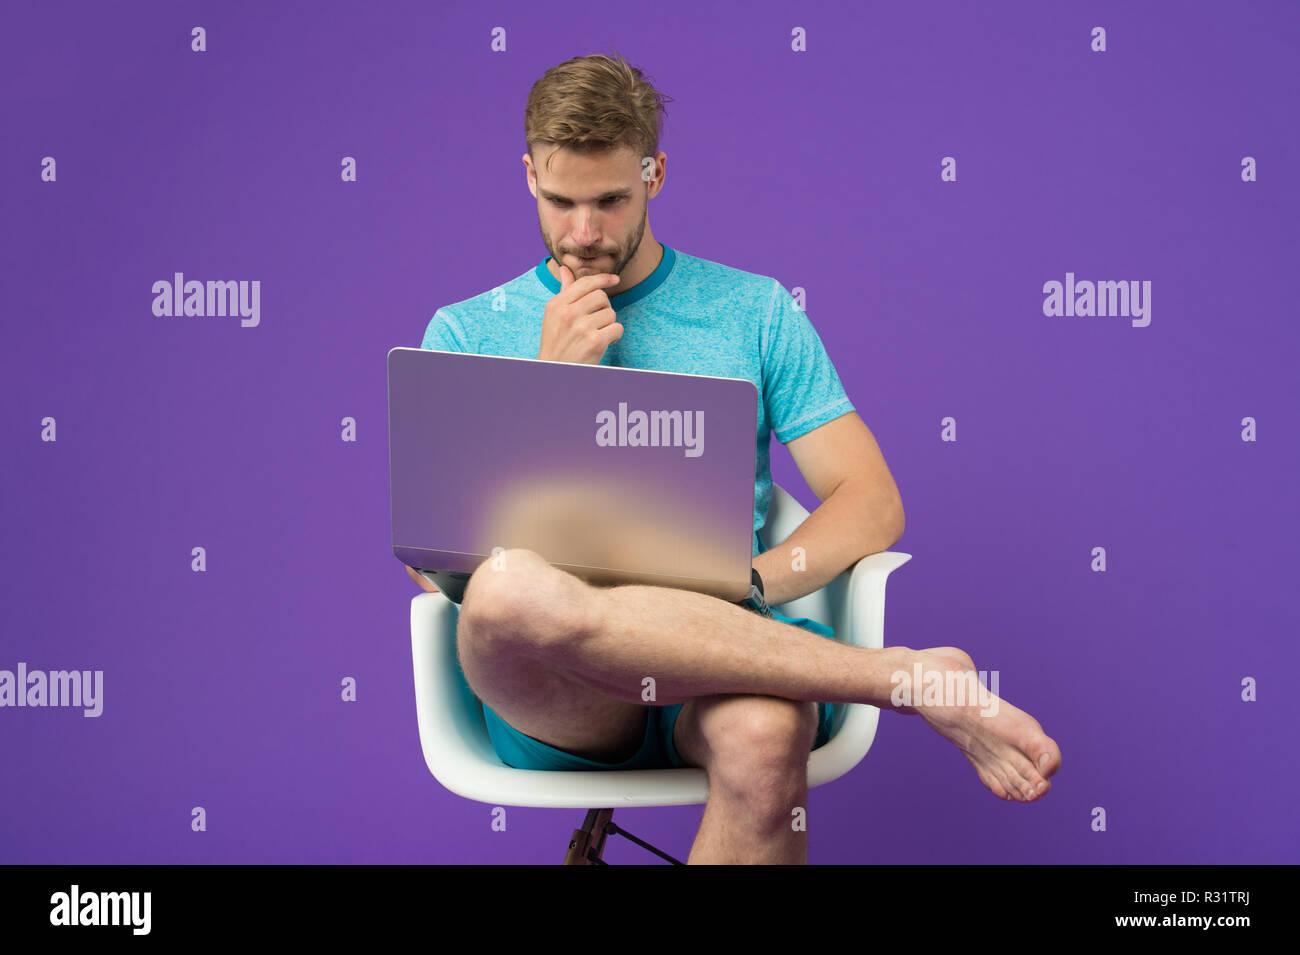 Guy en ligne. Tirer parti des achats en ligne. L'accès gratuit à internet. Homme avec un ordinateur portable moderne surf internet. Les technologies modernes. Le monde entier en une seule touche. Homme surf internet sur ordinateur portable. Photo Stock